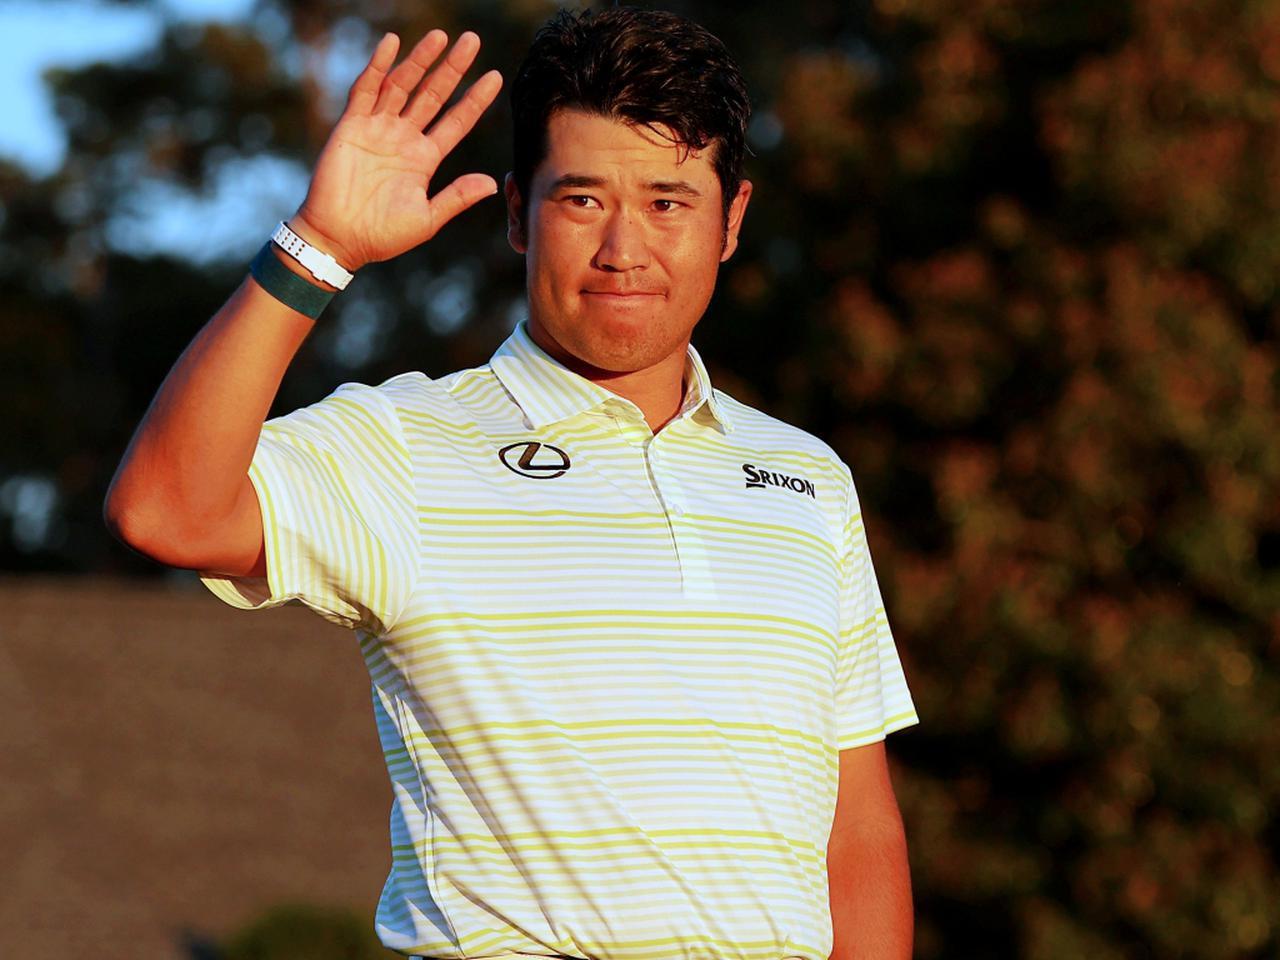 画像: 海外メジャー「マスターズ」を制した松山英樹のメンタルマネジメントを、プロも教えるメンタルコーチ・池努氏が分析(写真/Getty Images)